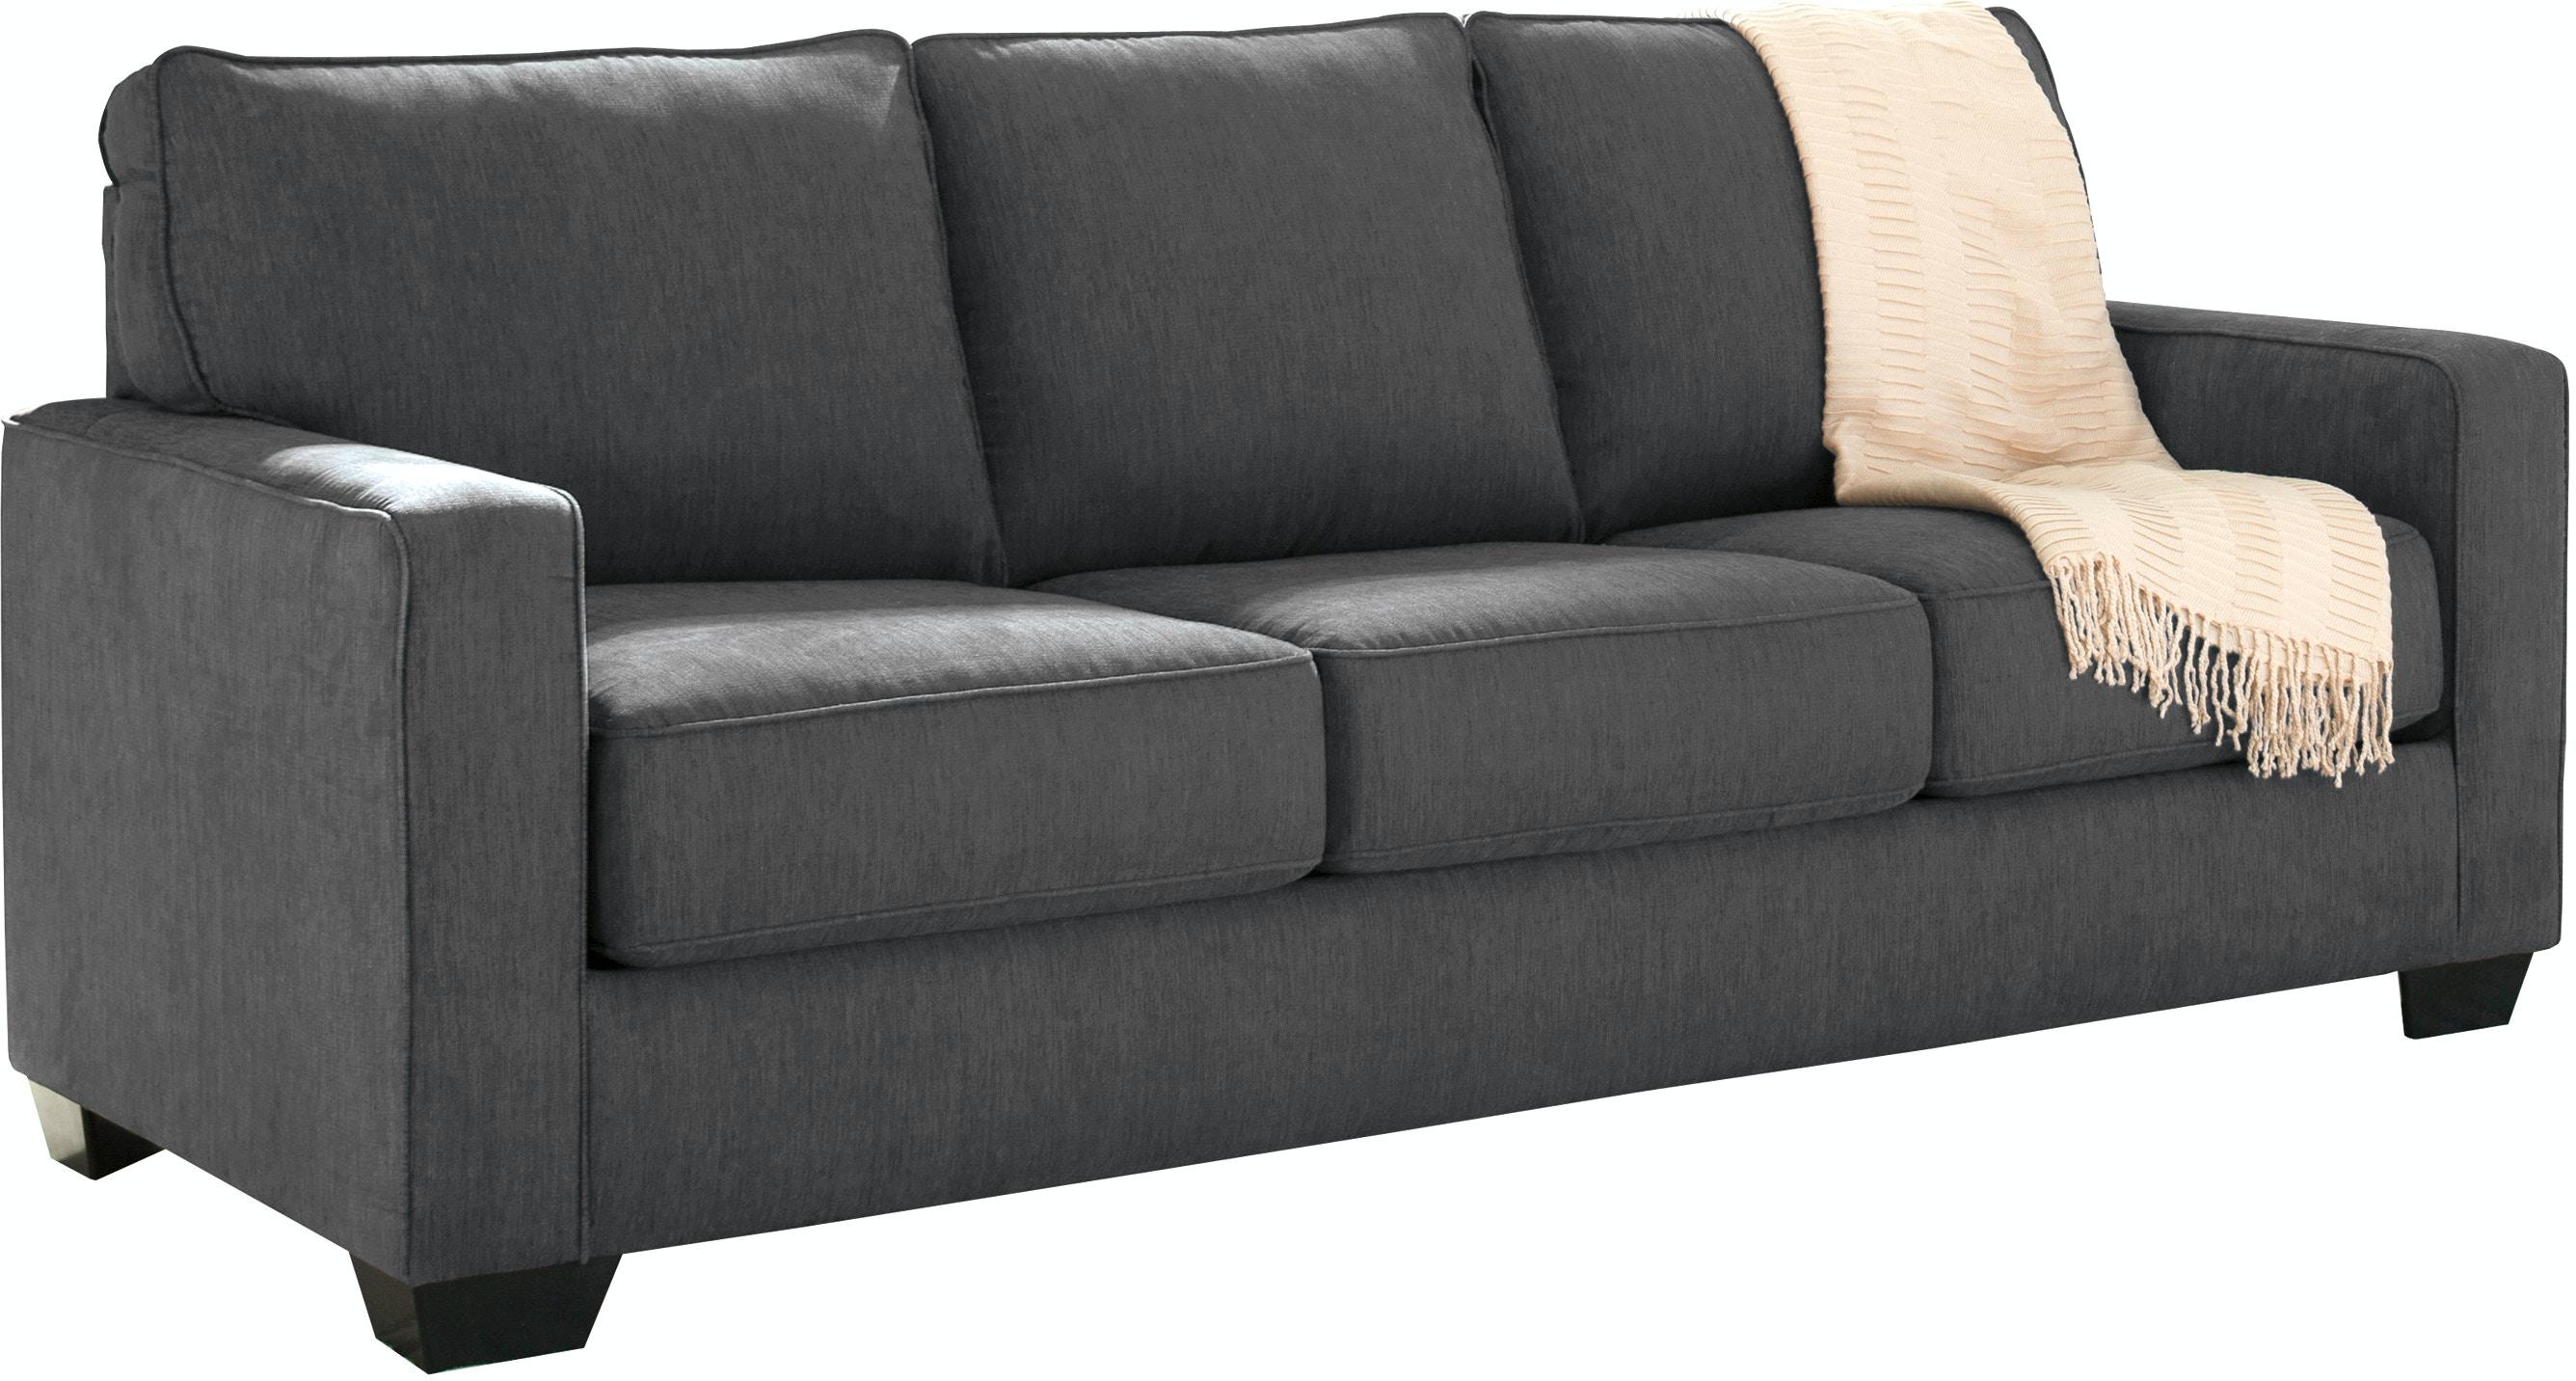 Zoie Sleeper Sofa - GREY - QUEEN ST:487014